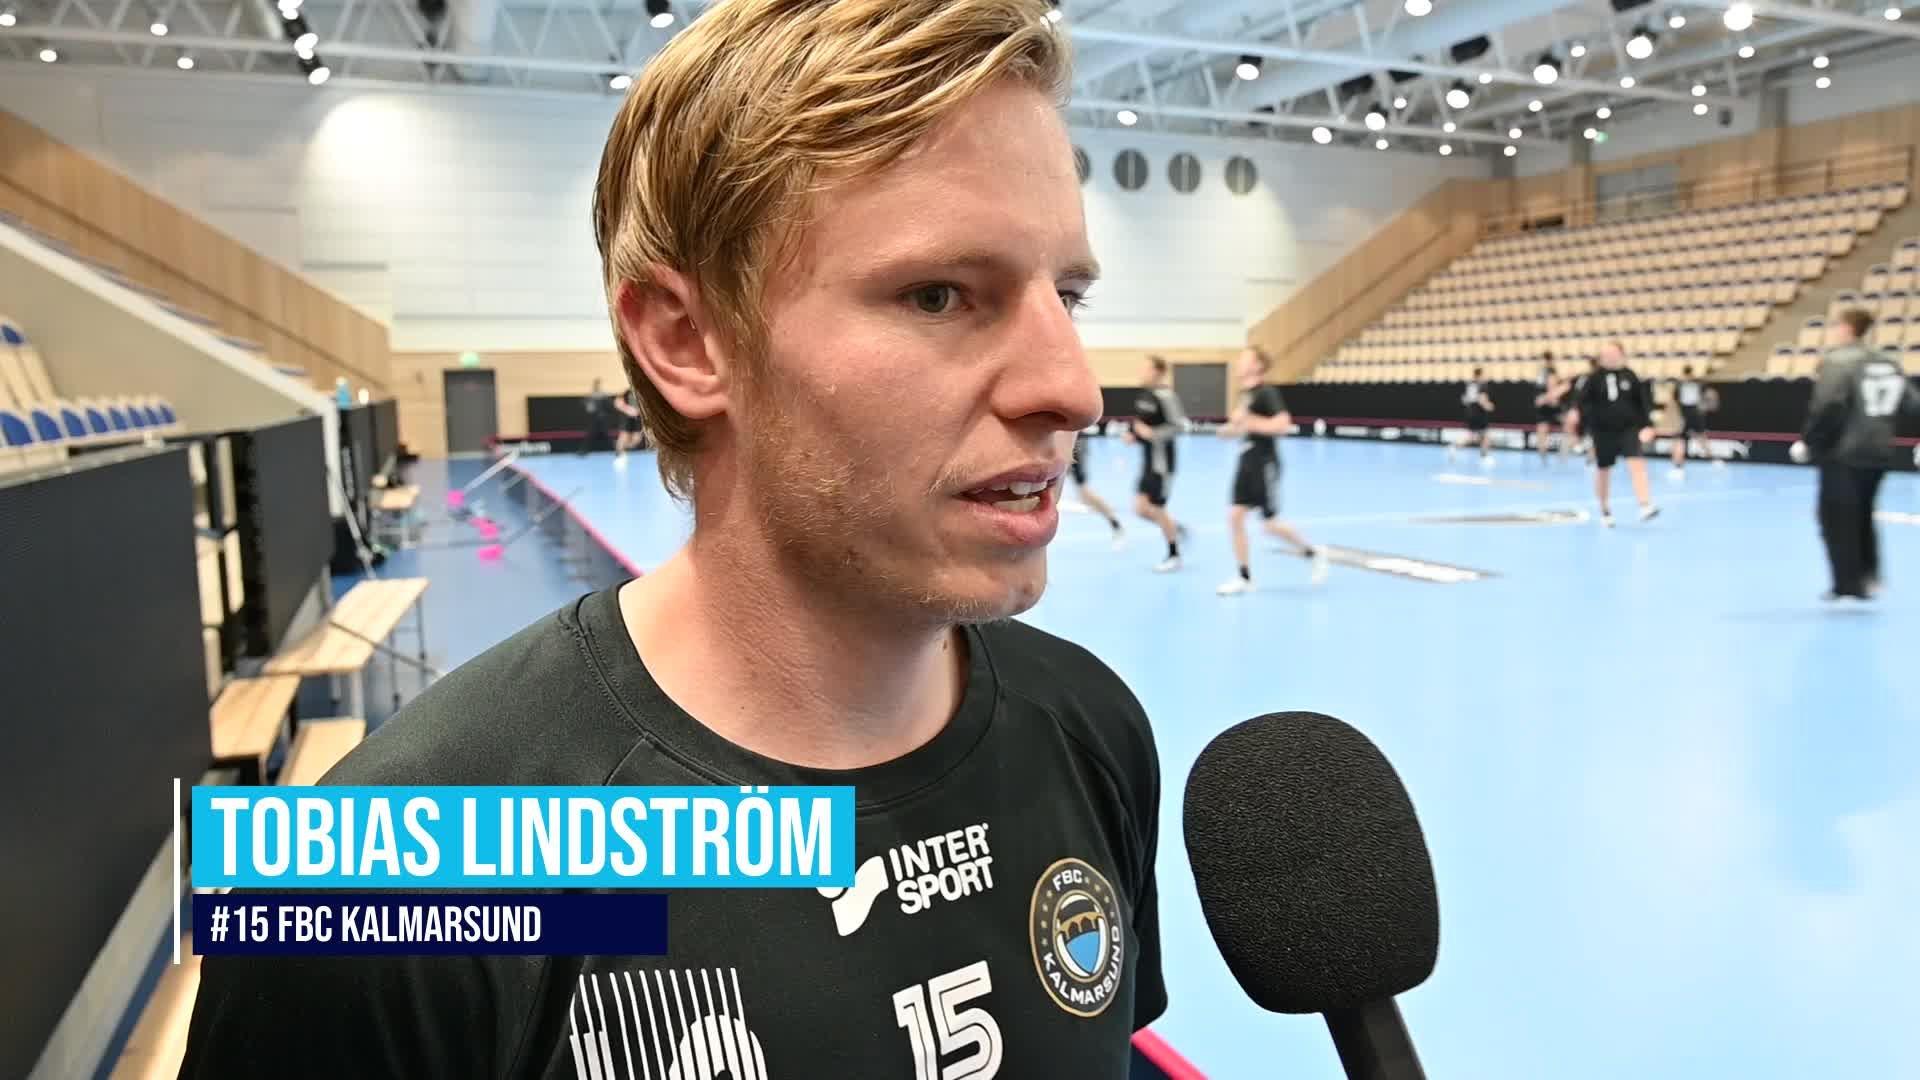 Tobias Lindström inför SSL-premiären